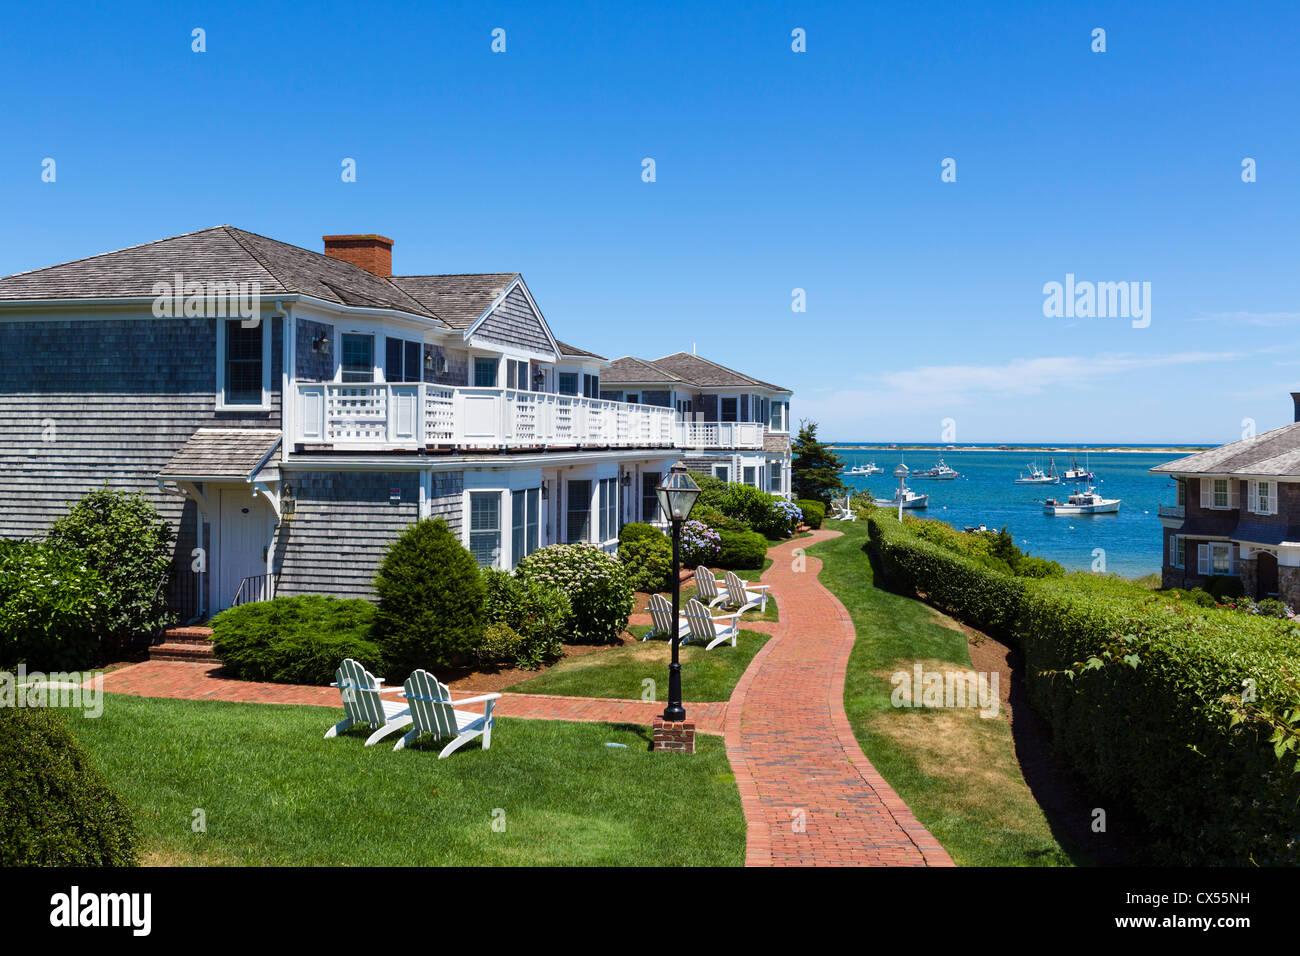 Appartements en bord de mer dans la région de Chatham, Cape Cod, Massachusetts, USA Photo Stock